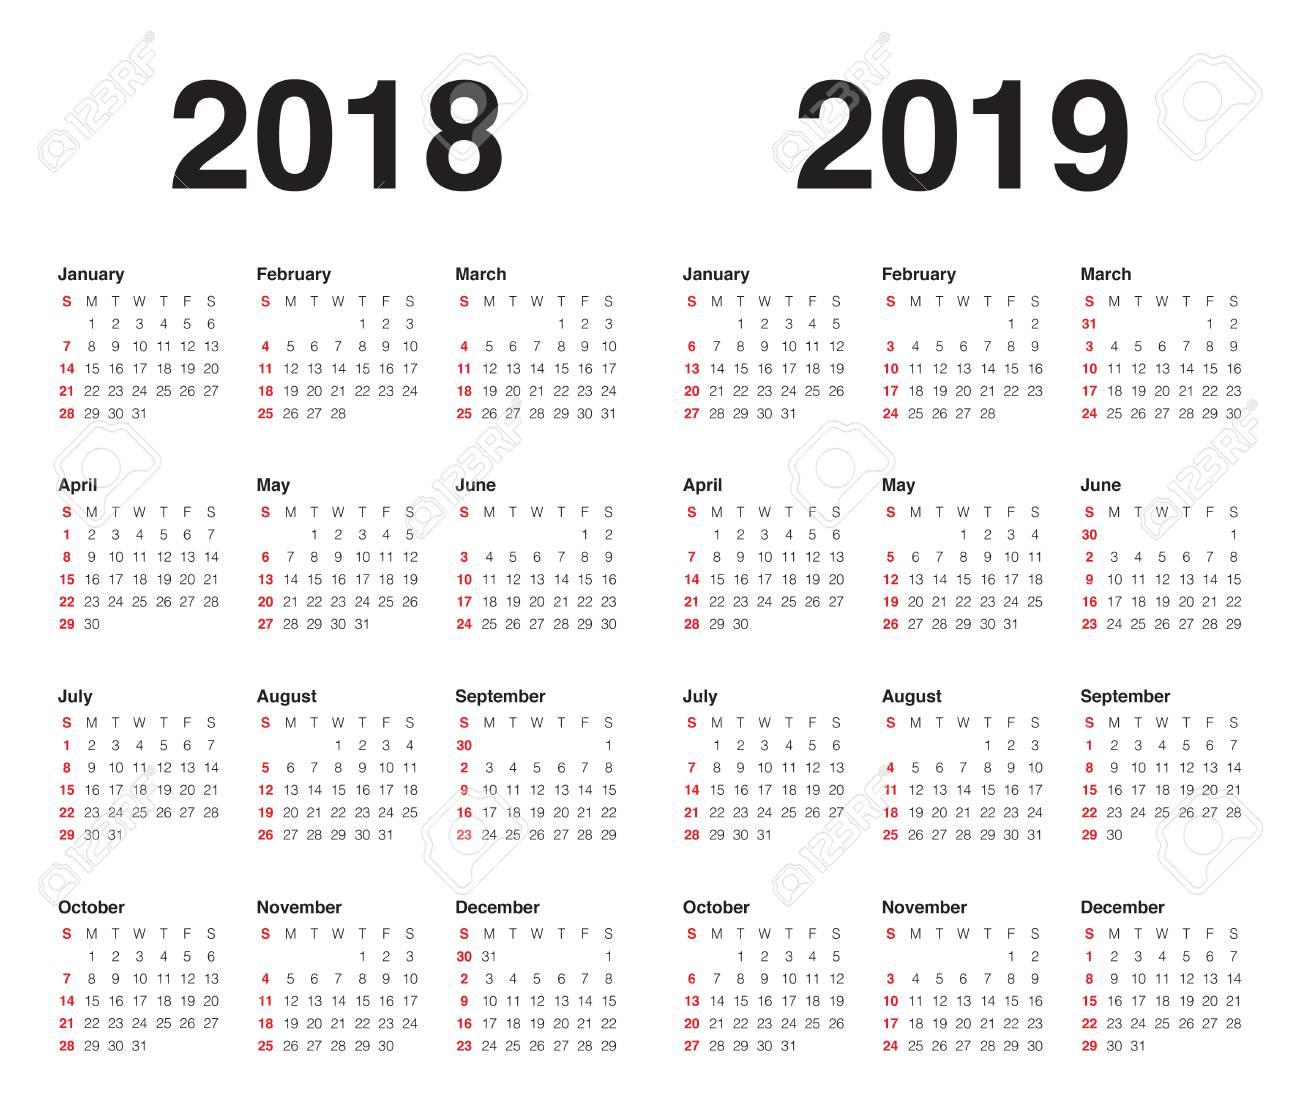 Calendario 2018 2019.Ano 2018 2019 Plantilla De Diseno Vectorial Calendario Diseno Simple Y Limpio